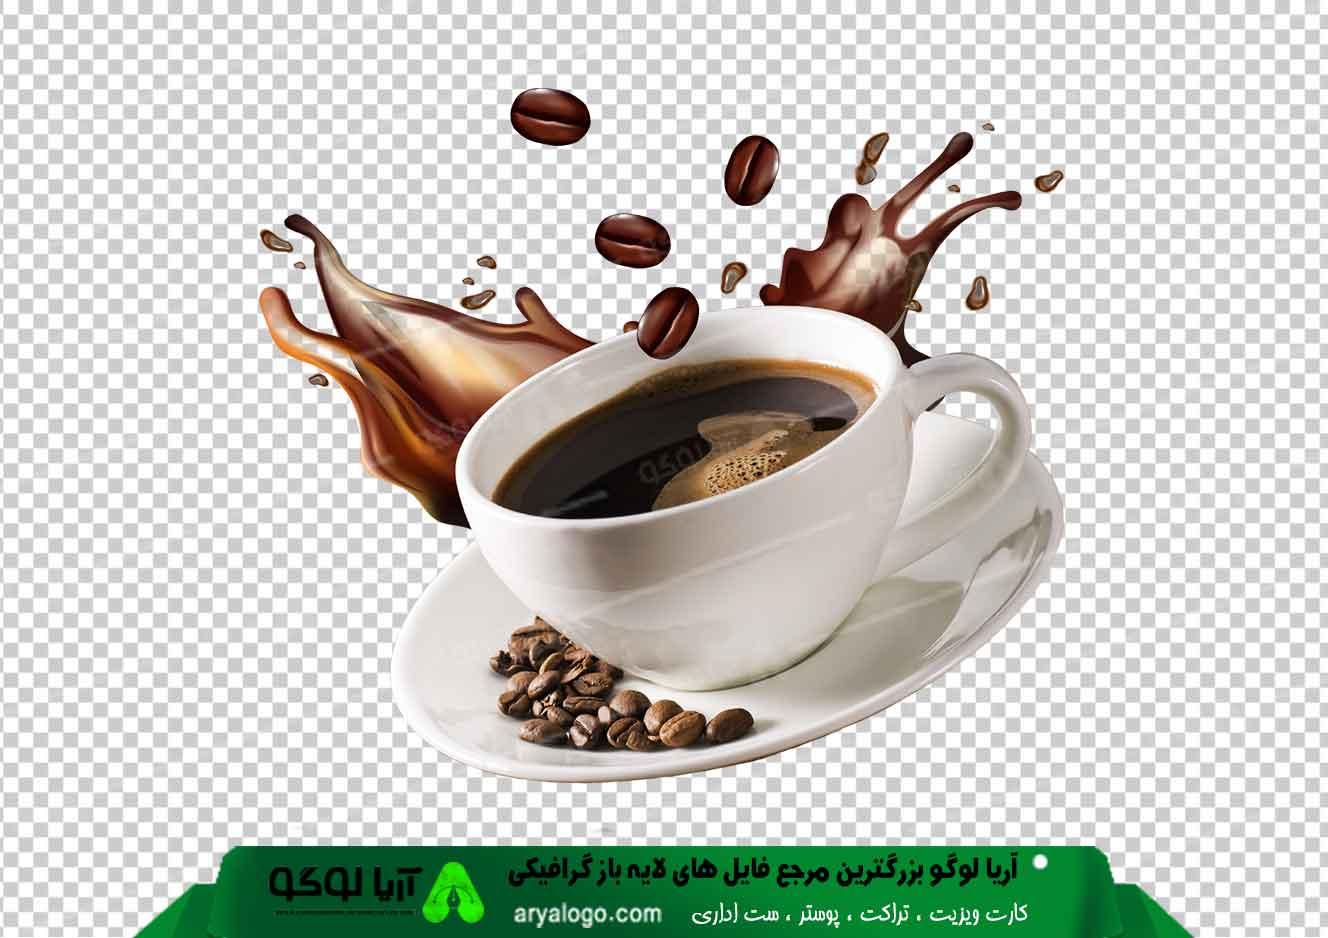 وکتور png کافه و قهوه 1